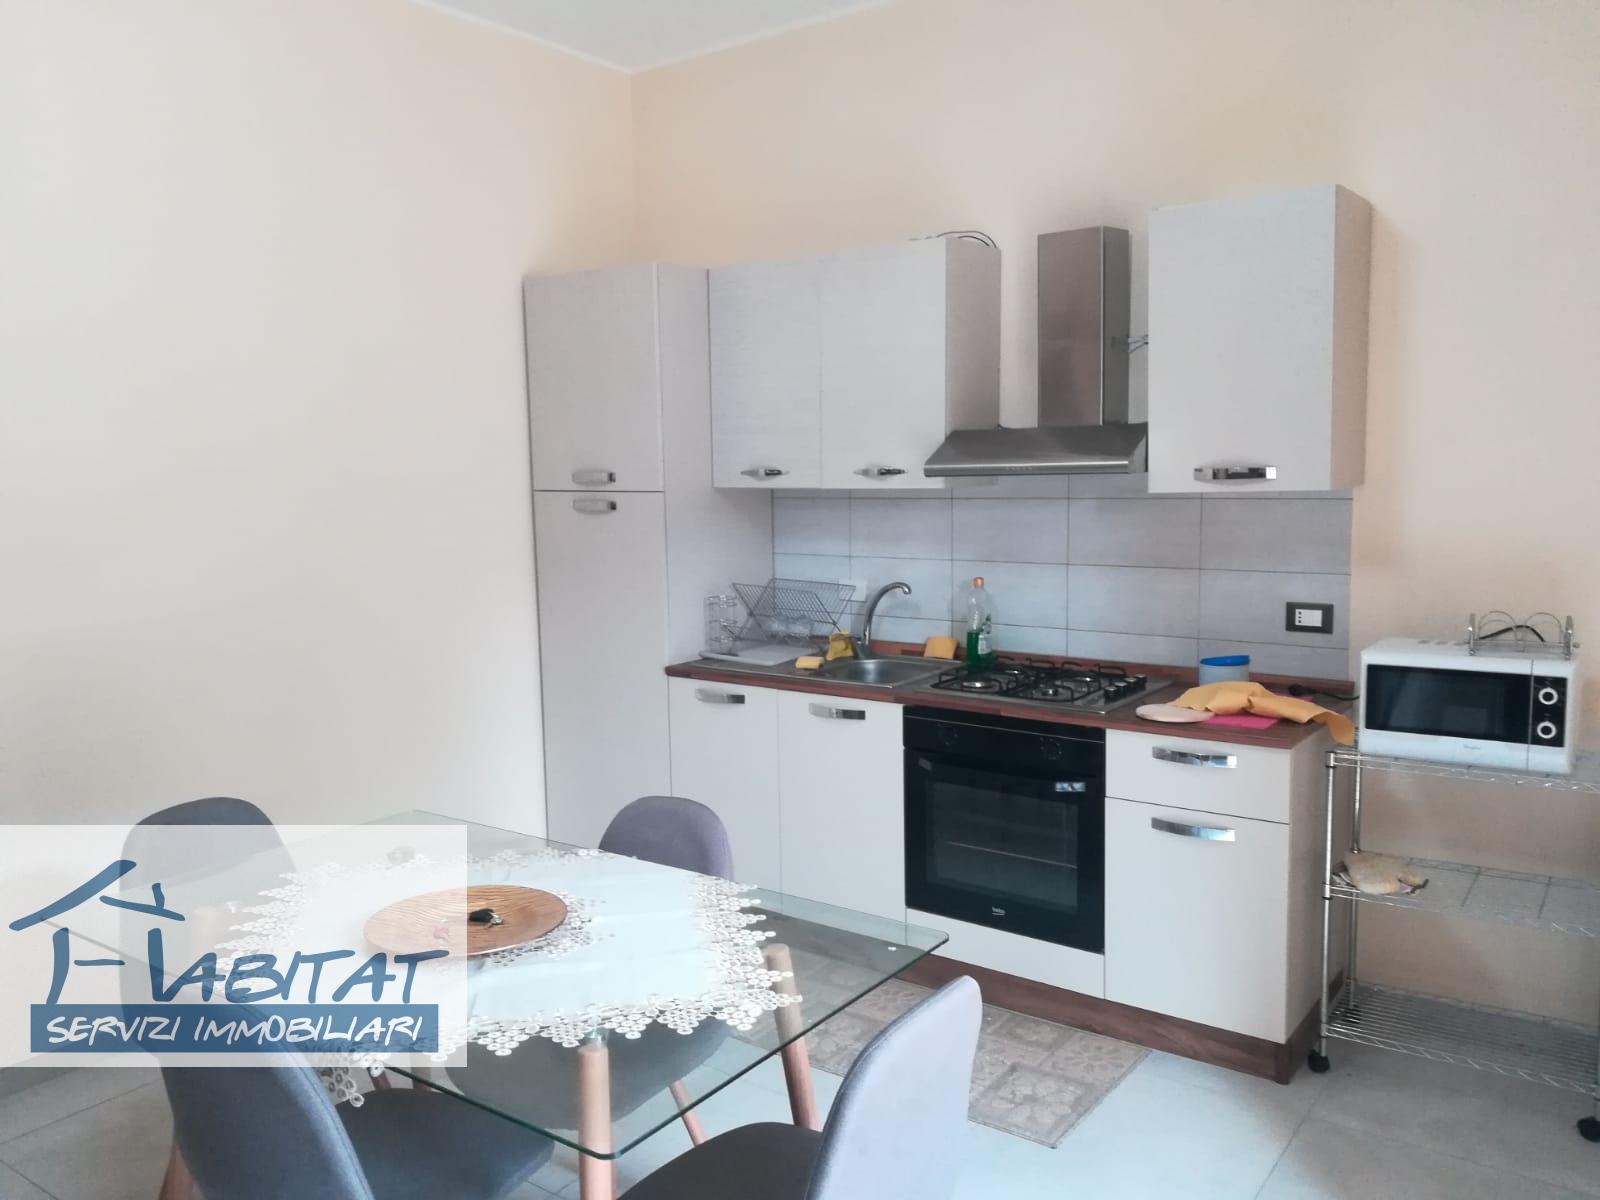 Appartamento in affitto a Agrigento, 4 locali, zona Zona: Centro, prezzo € 450 | CambioCasa.it